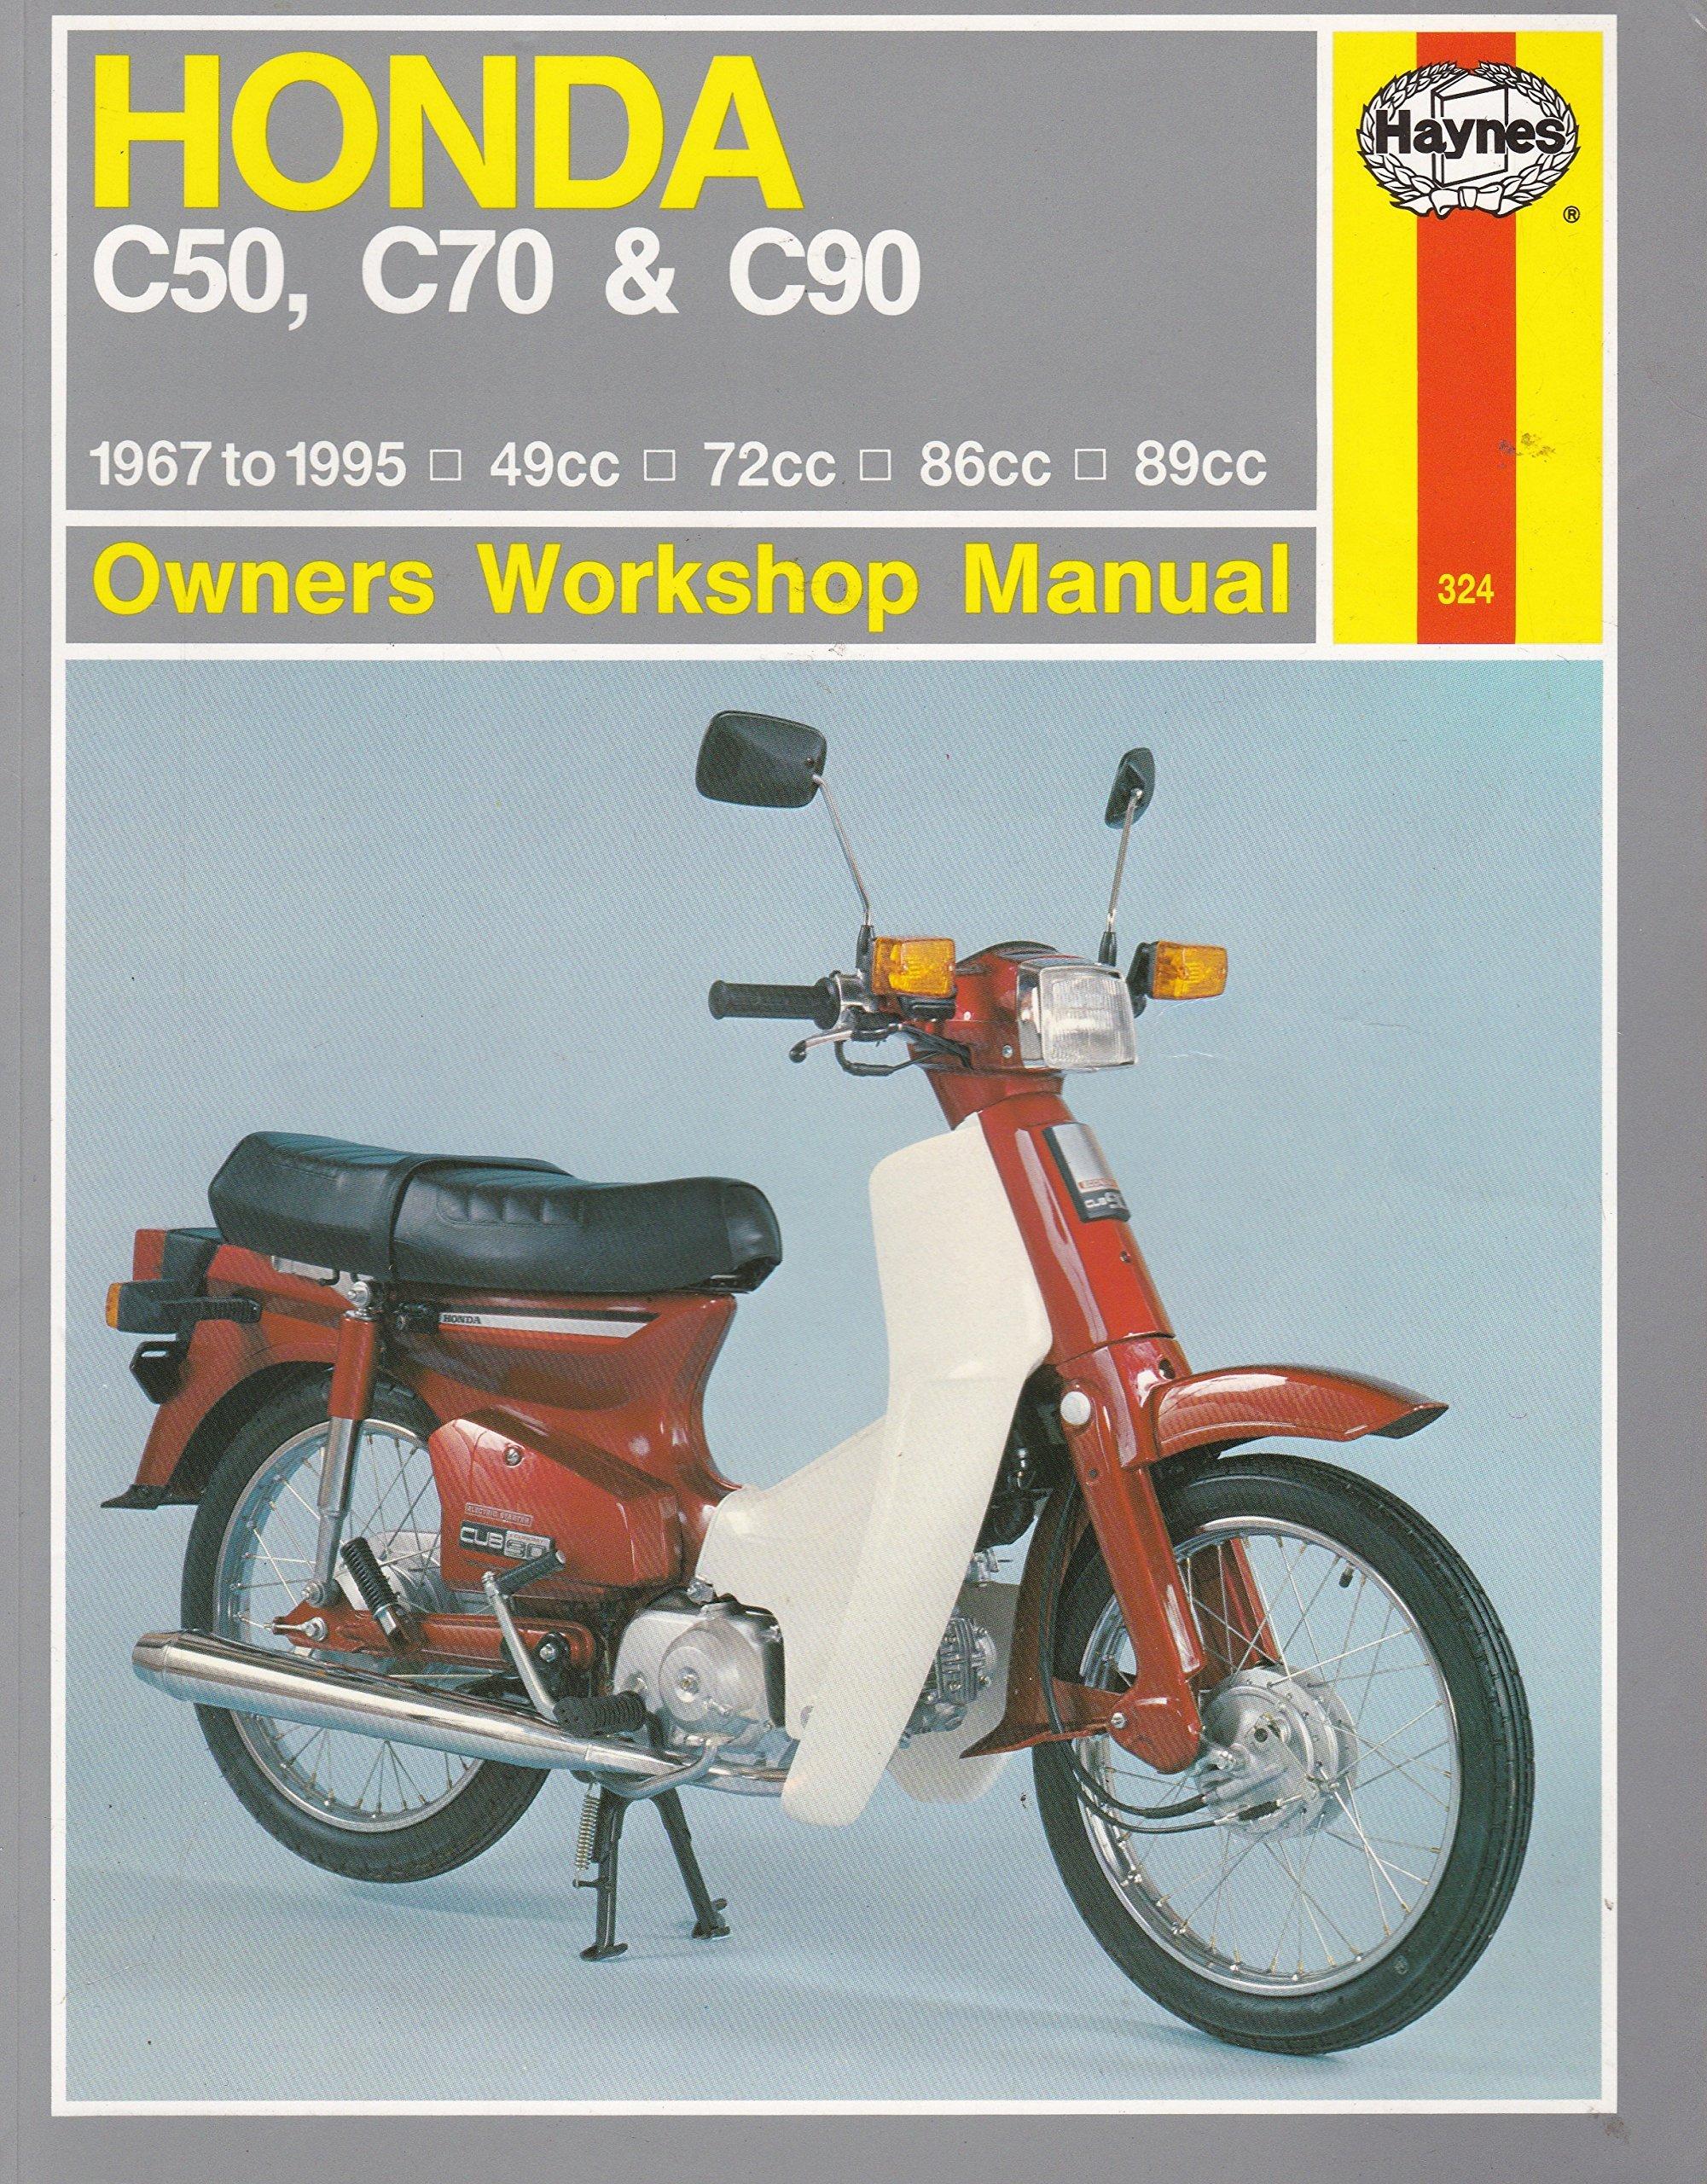 honda c50 c70 and c90 owner s workshop manual haynes owners rh amazon co uk honda  c50 repair manual pdf honda c50 service manual pdf